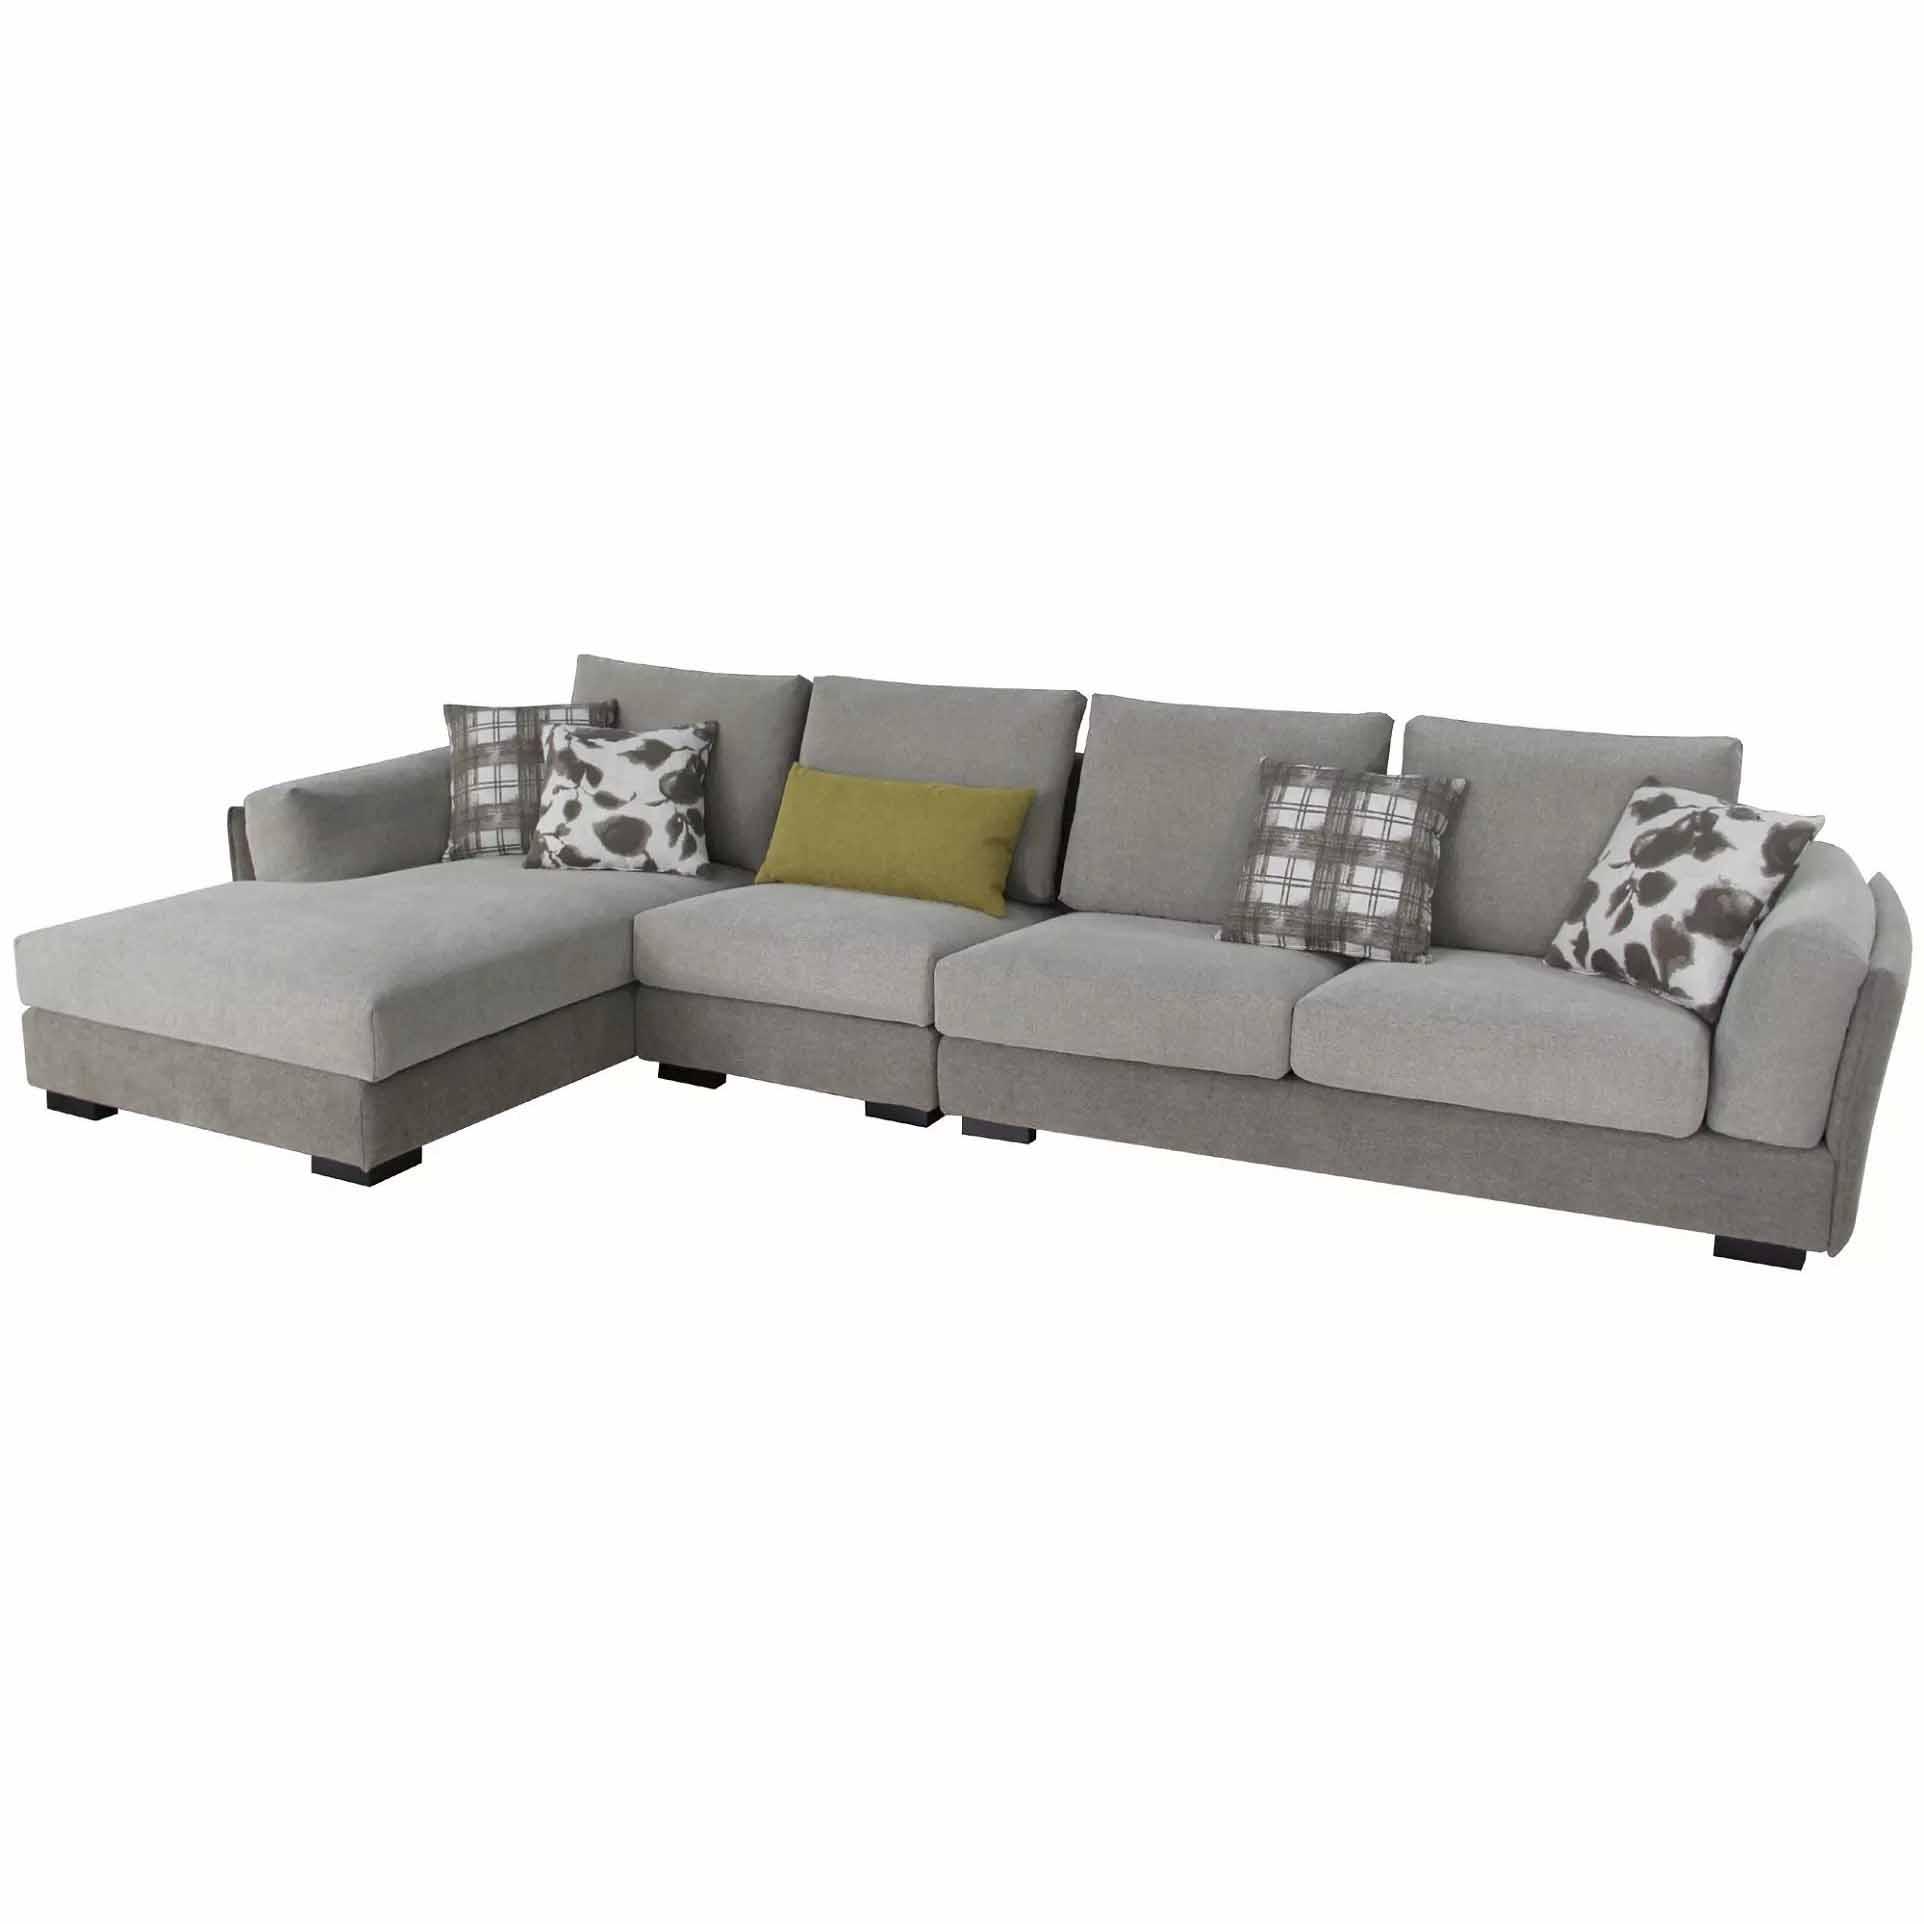 金百利家具2015年新款布艺沙发